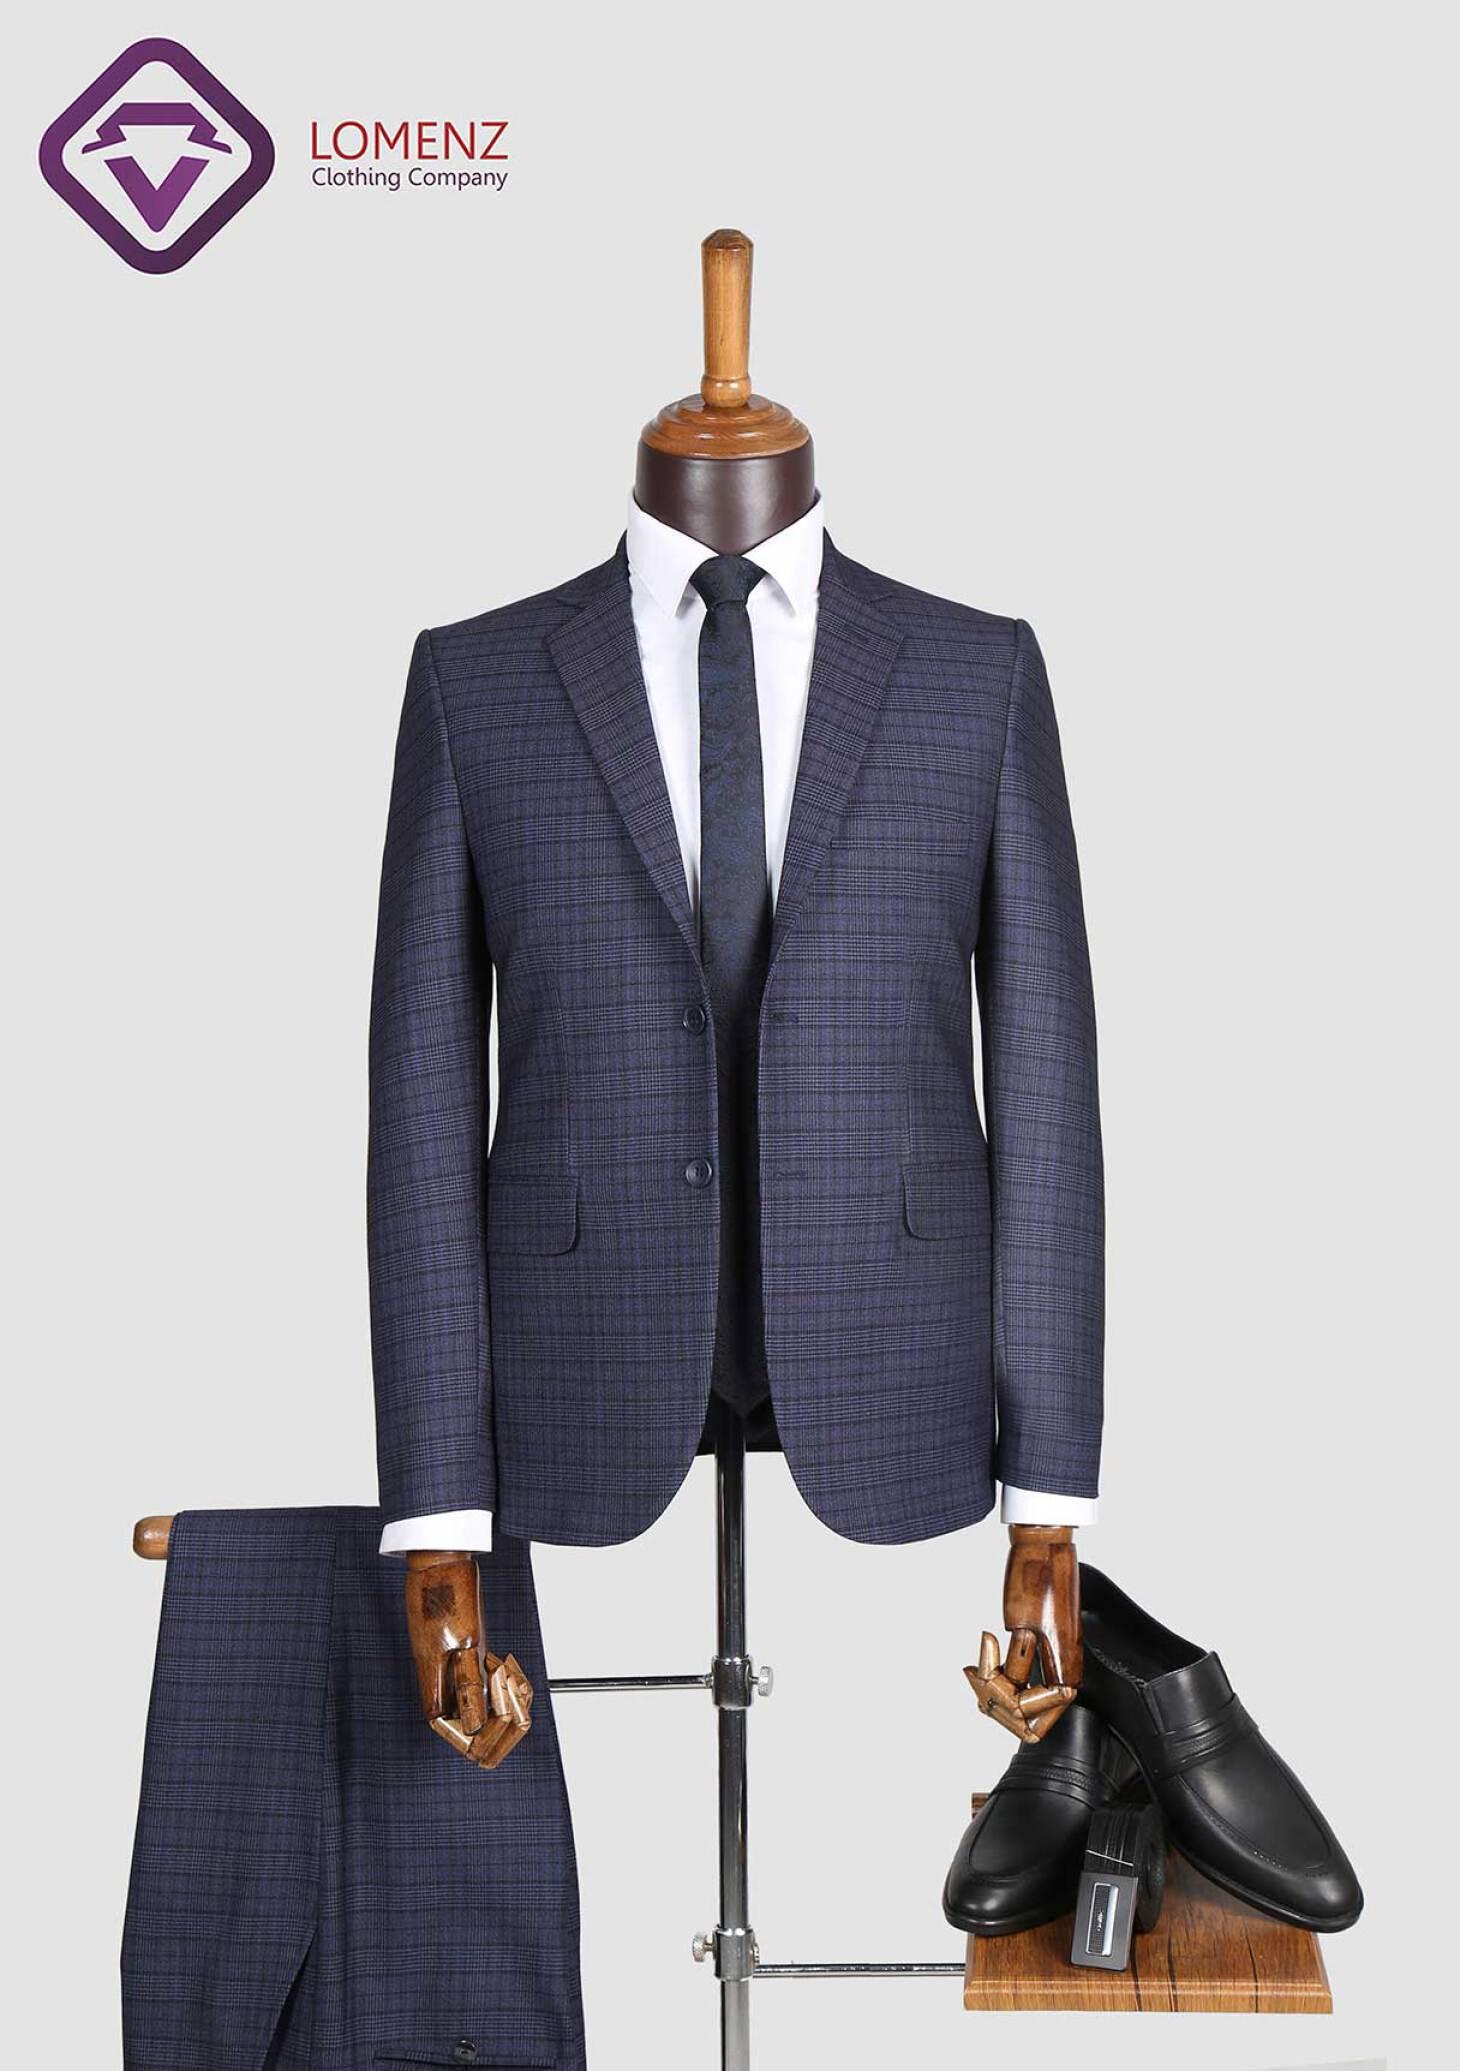 کت شلوار پیچازی طرح فاستونی کد 03 تولید شده توسط سایت لومنز